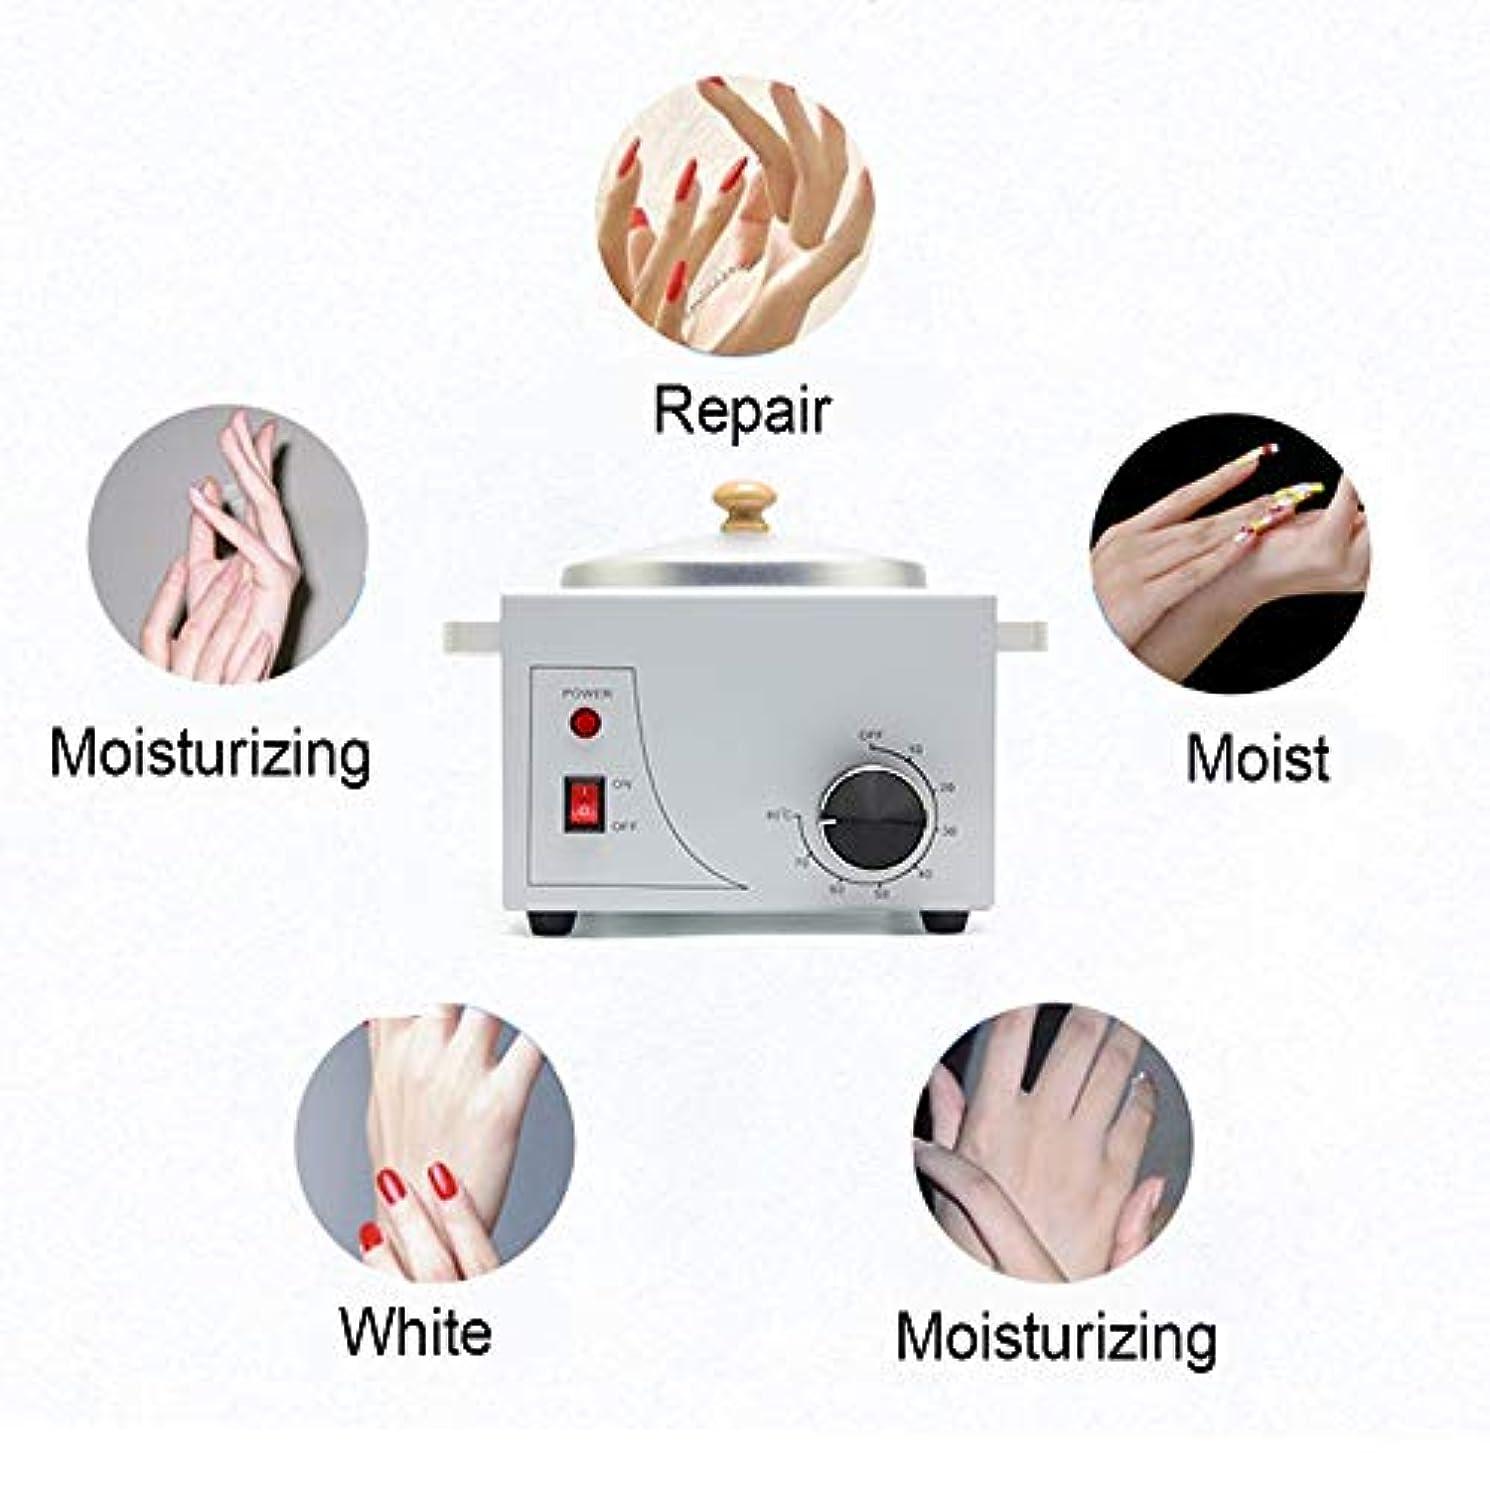 叙情的な湾カスケード携帯用電気ホットワックスウォーマーマシン可変温度での脱毛、プロフェッショナルシングルポット電気ワックスウォーマーマシンの